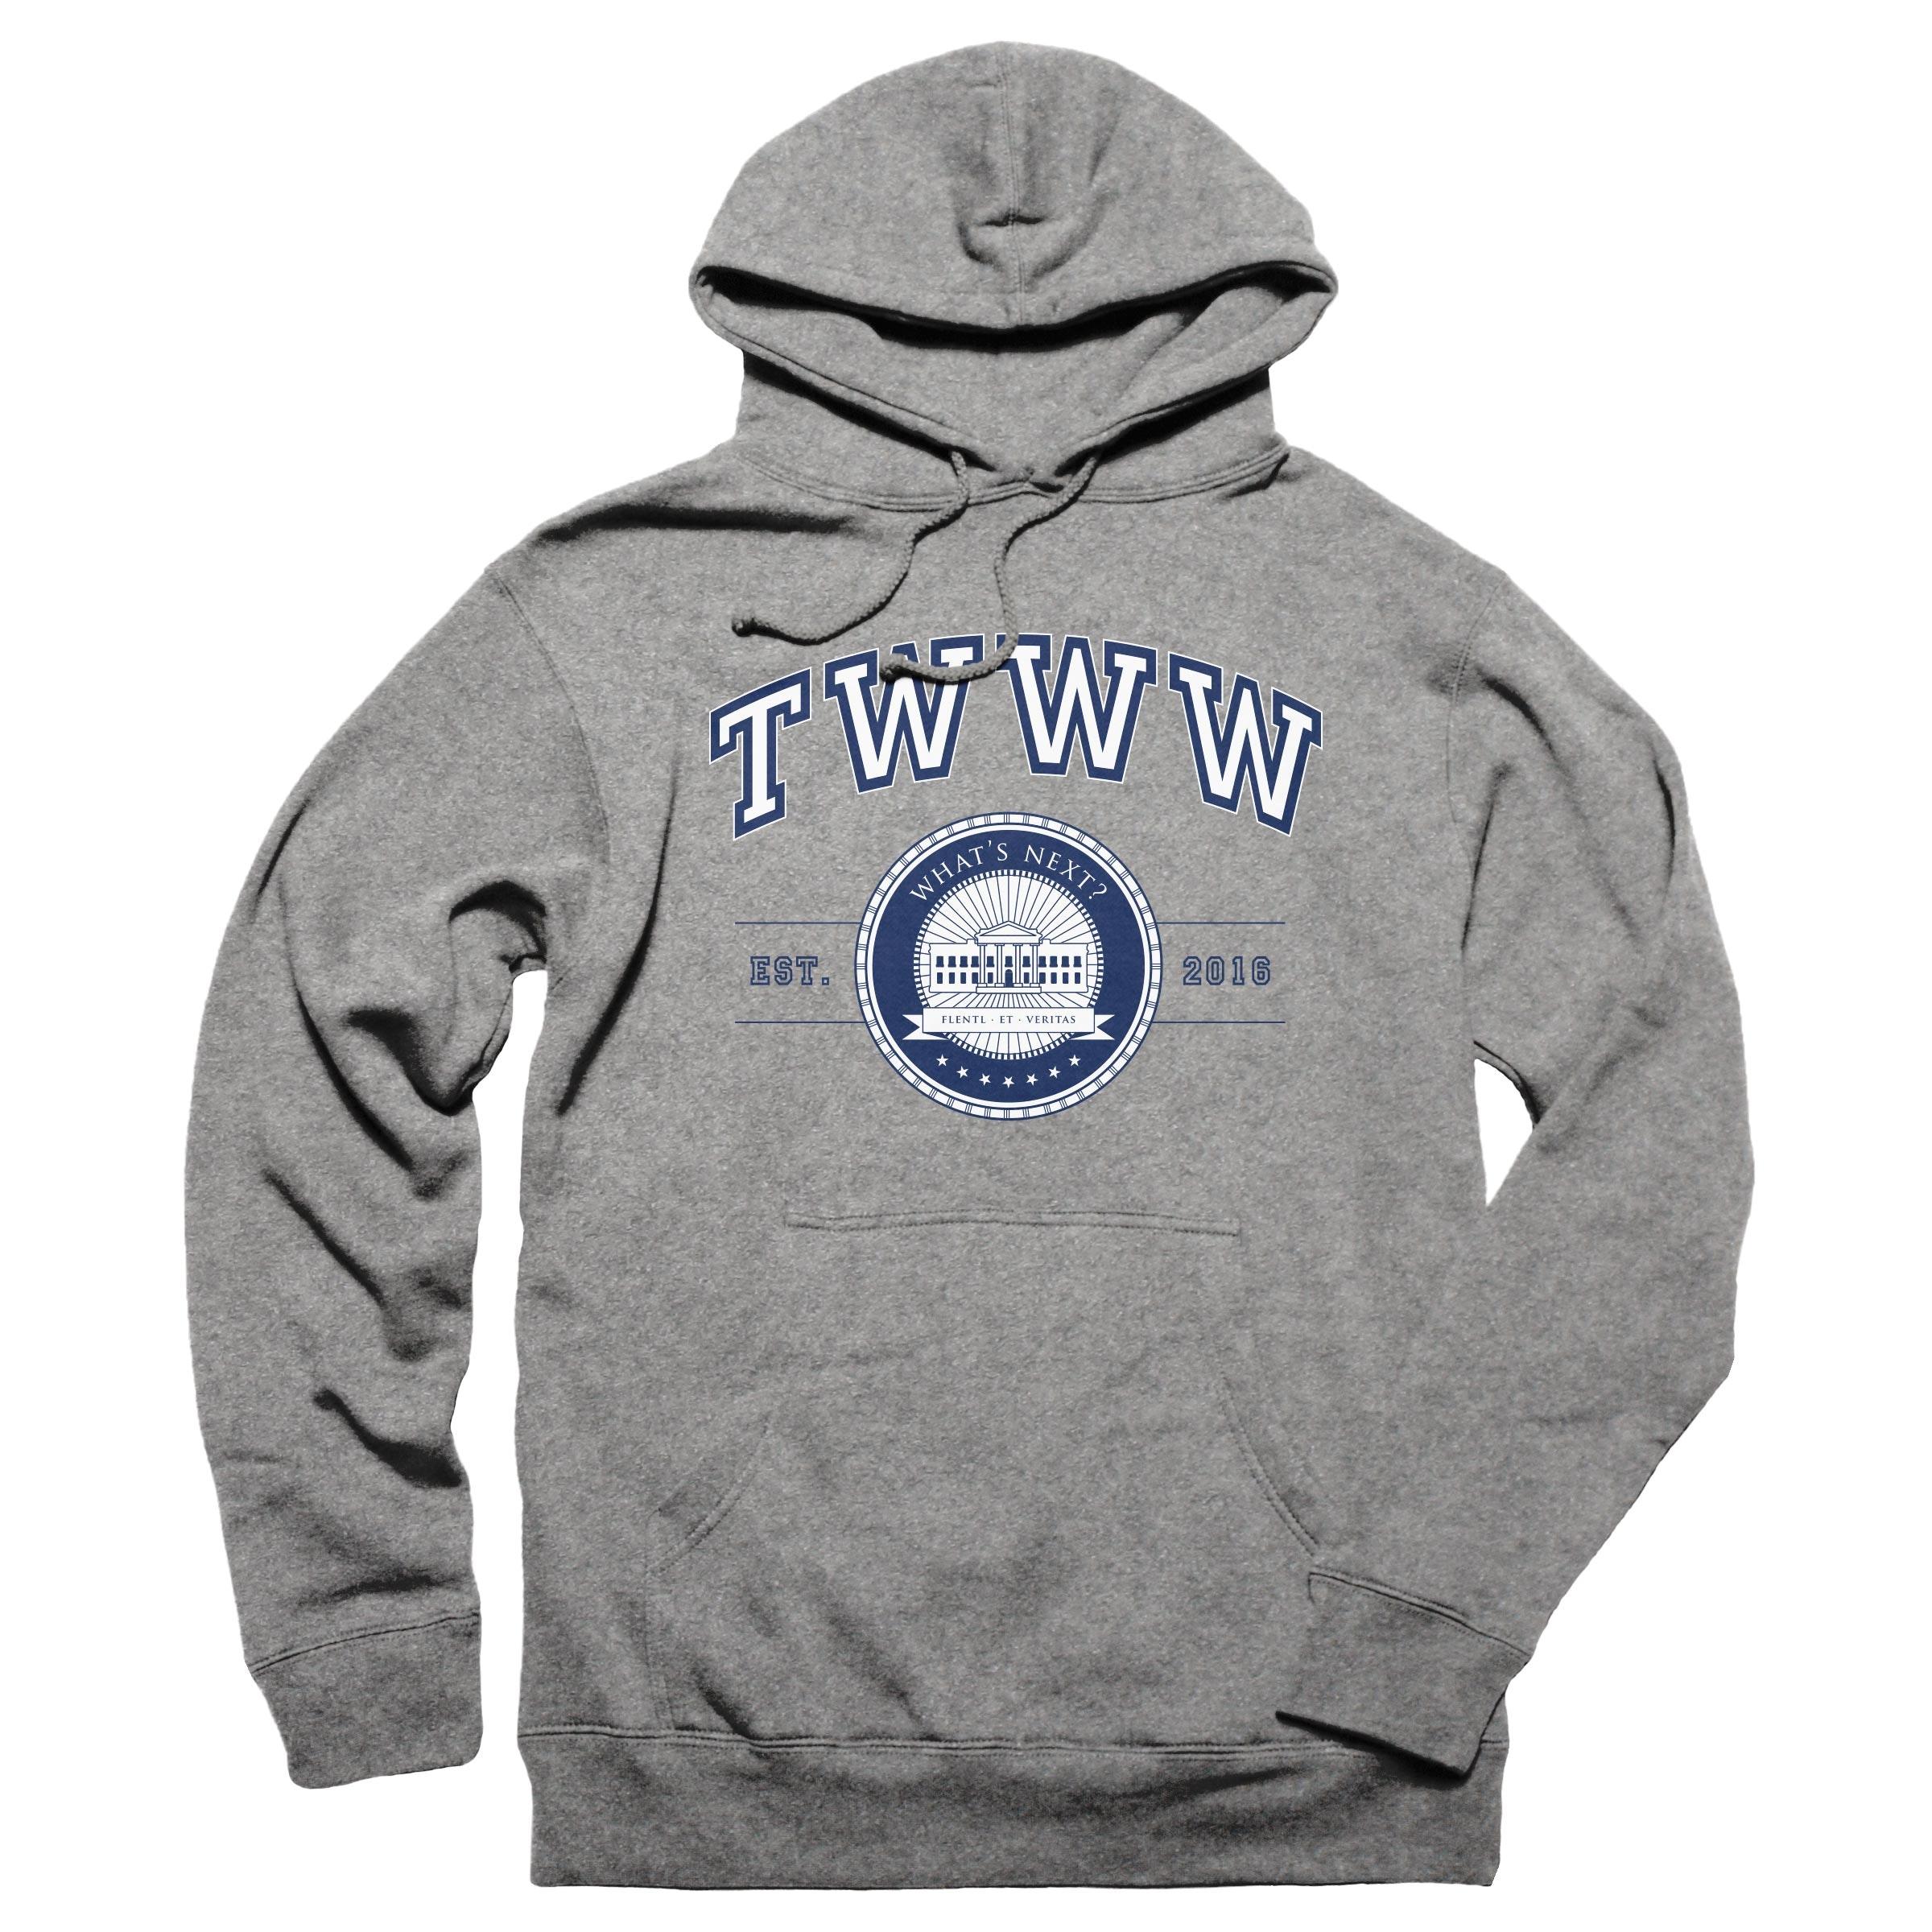 TWWW University Gunmetal Heather Pullover Hoodie